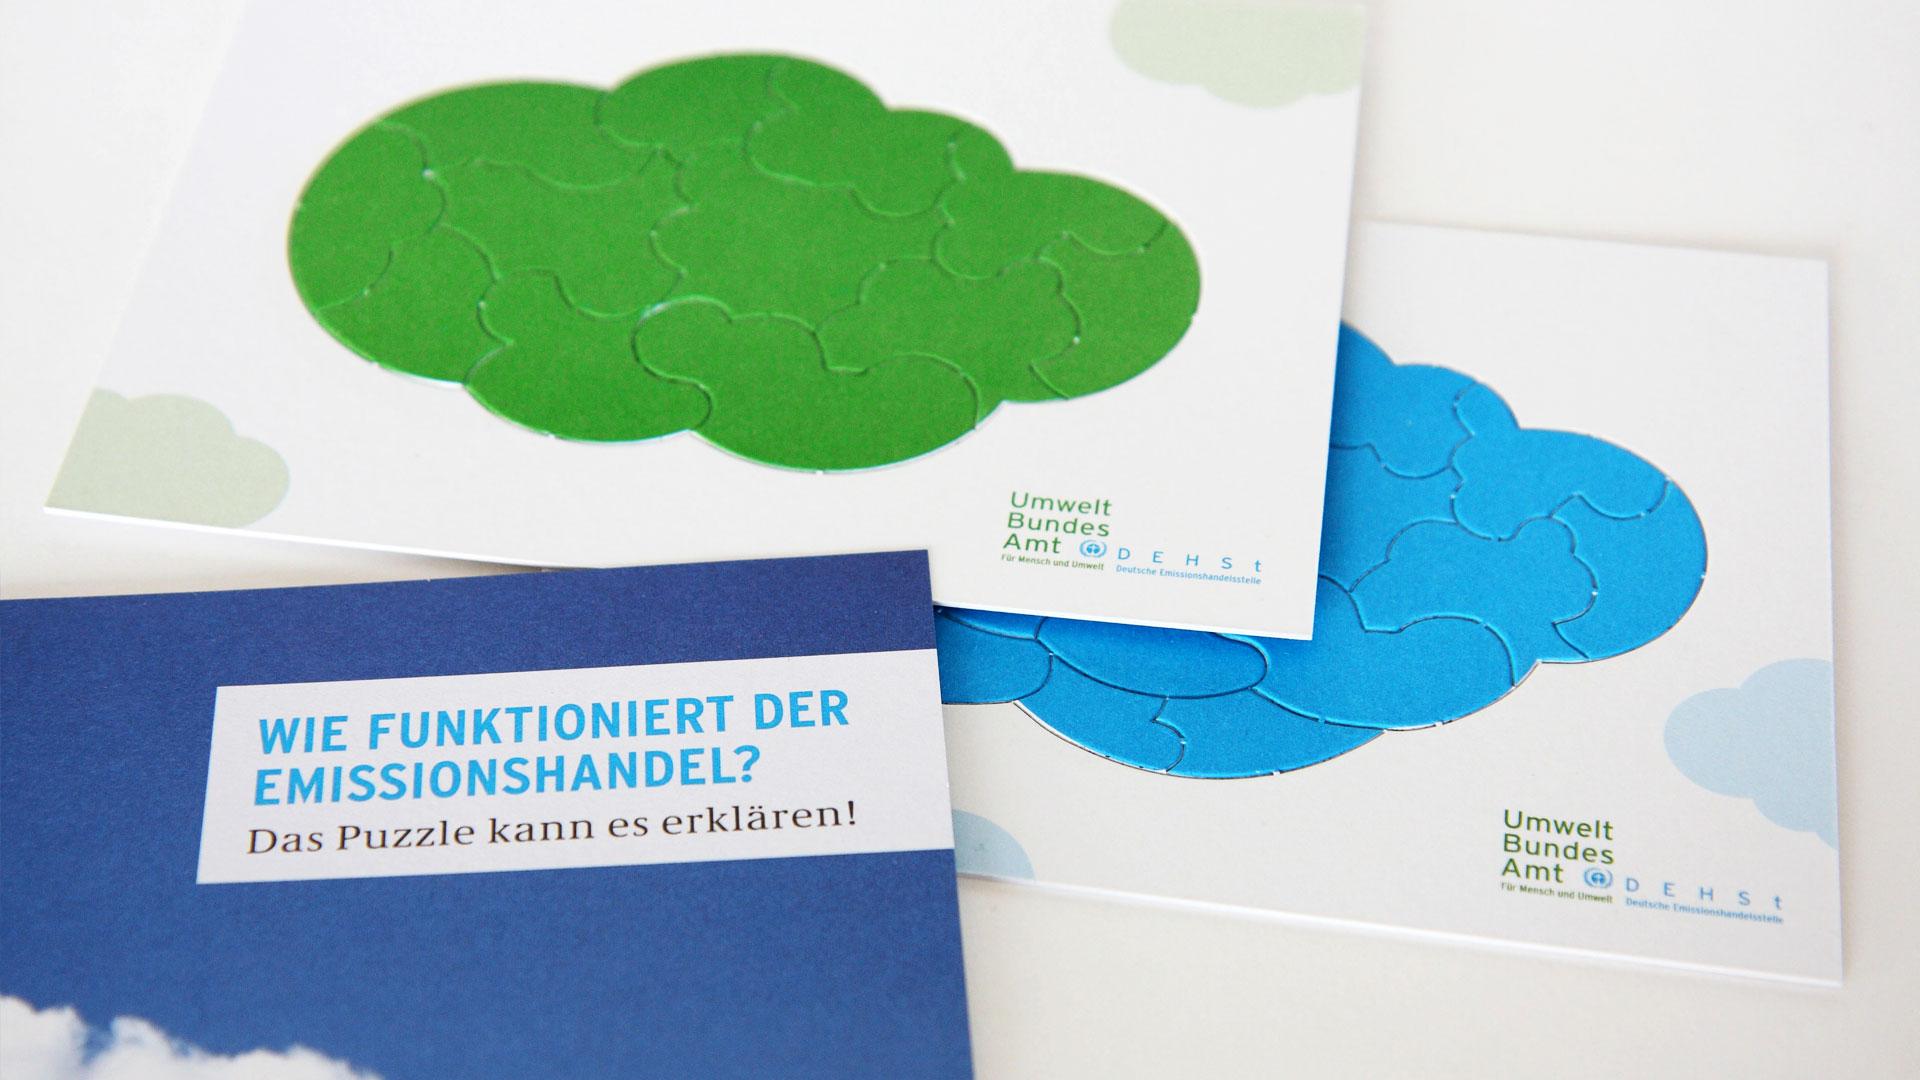 Puzzle für Kinder zum Emissionshandel, Umweltbundesamt